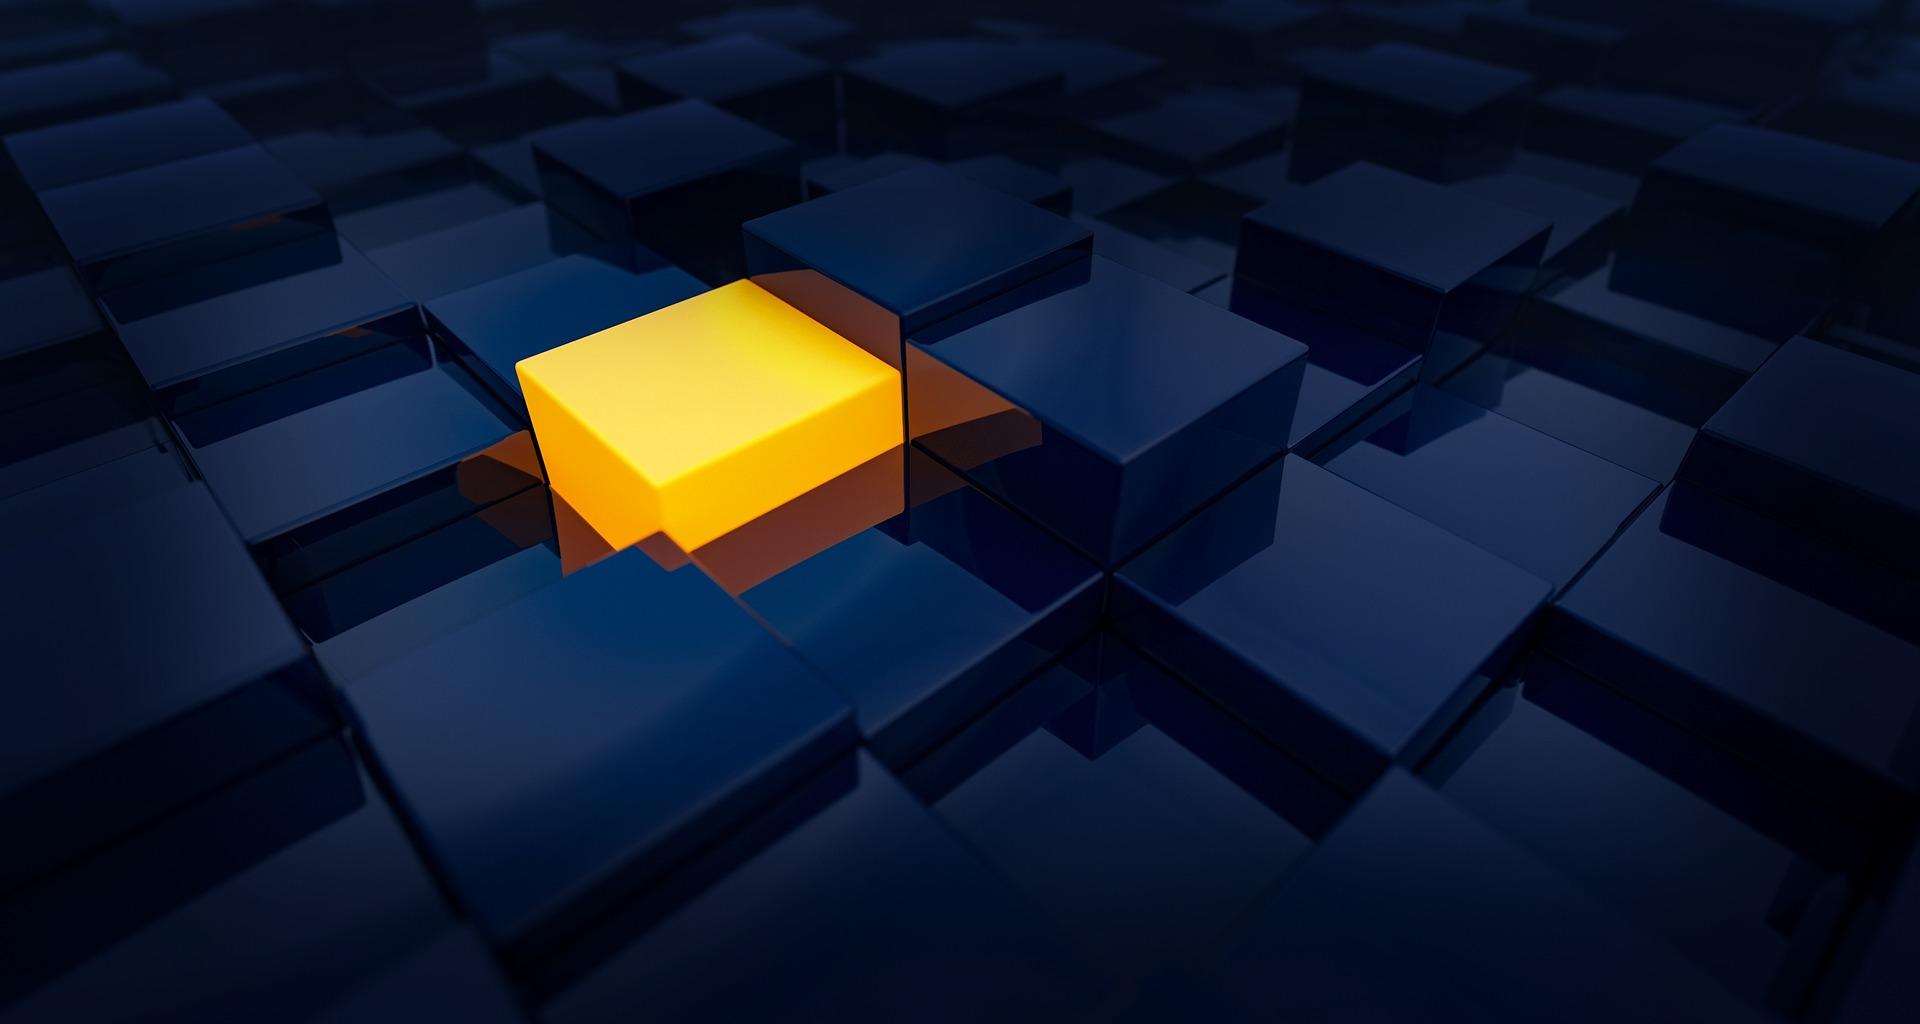 Una scatola gialla che emerge rispetto alle altre attorno di colore scuro in penombra